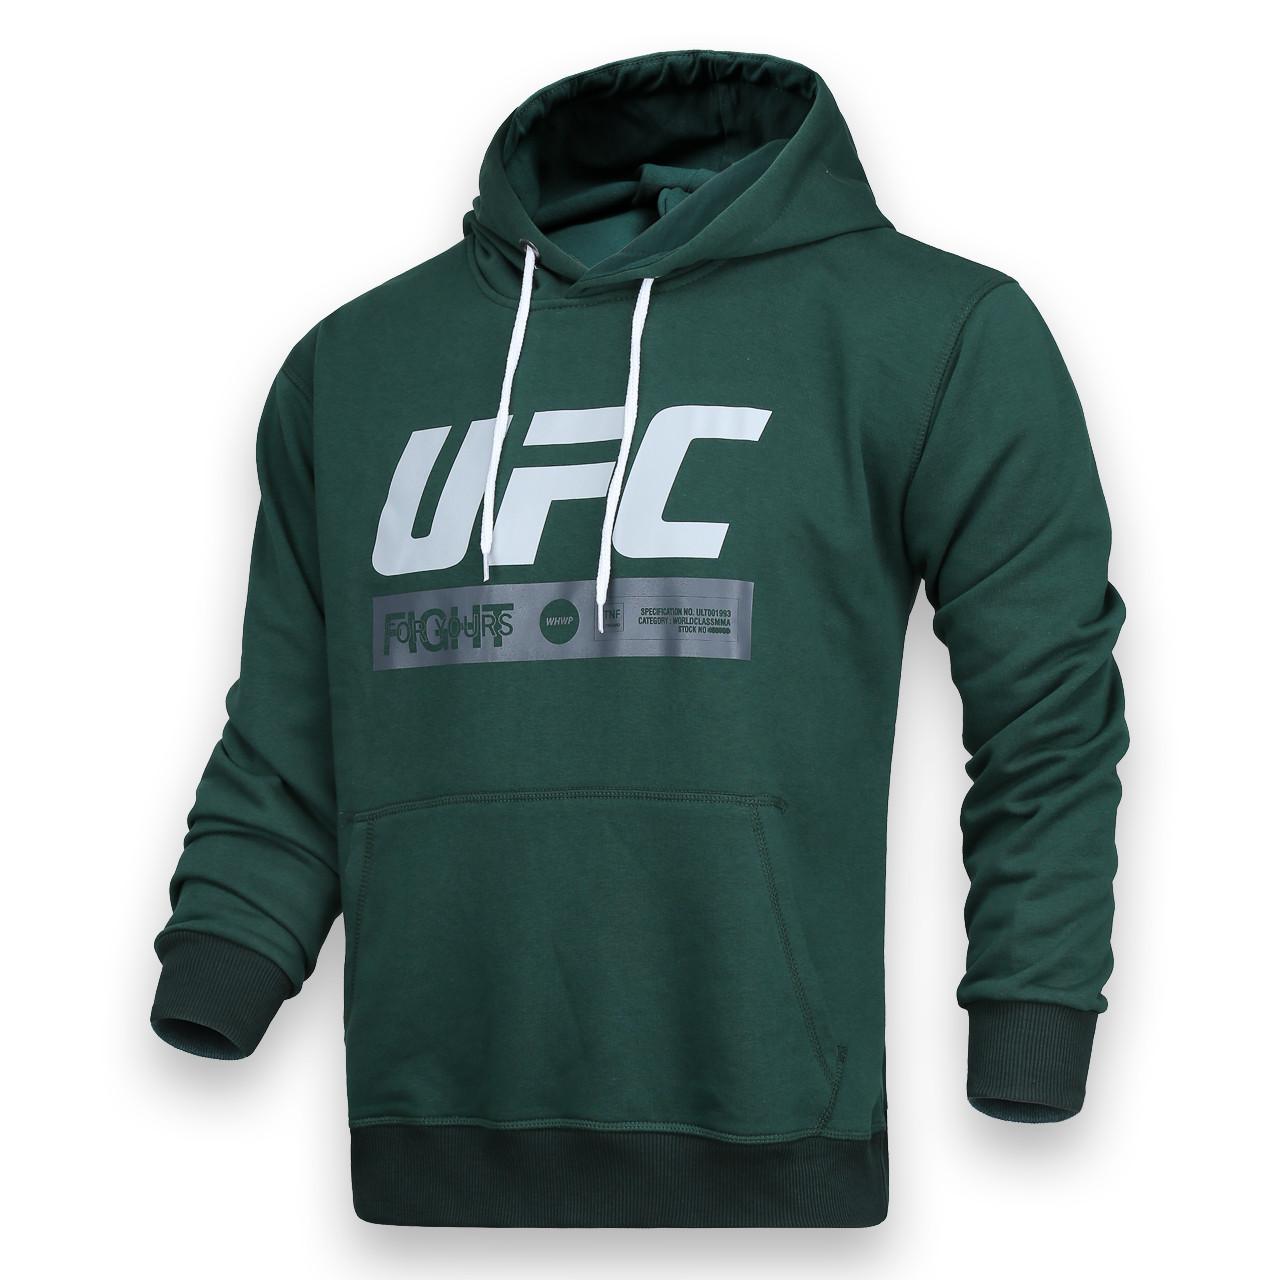 Худи т зеленый UFC FIGHT с лого Т-2 DGRN XL(Р) 20-471-201